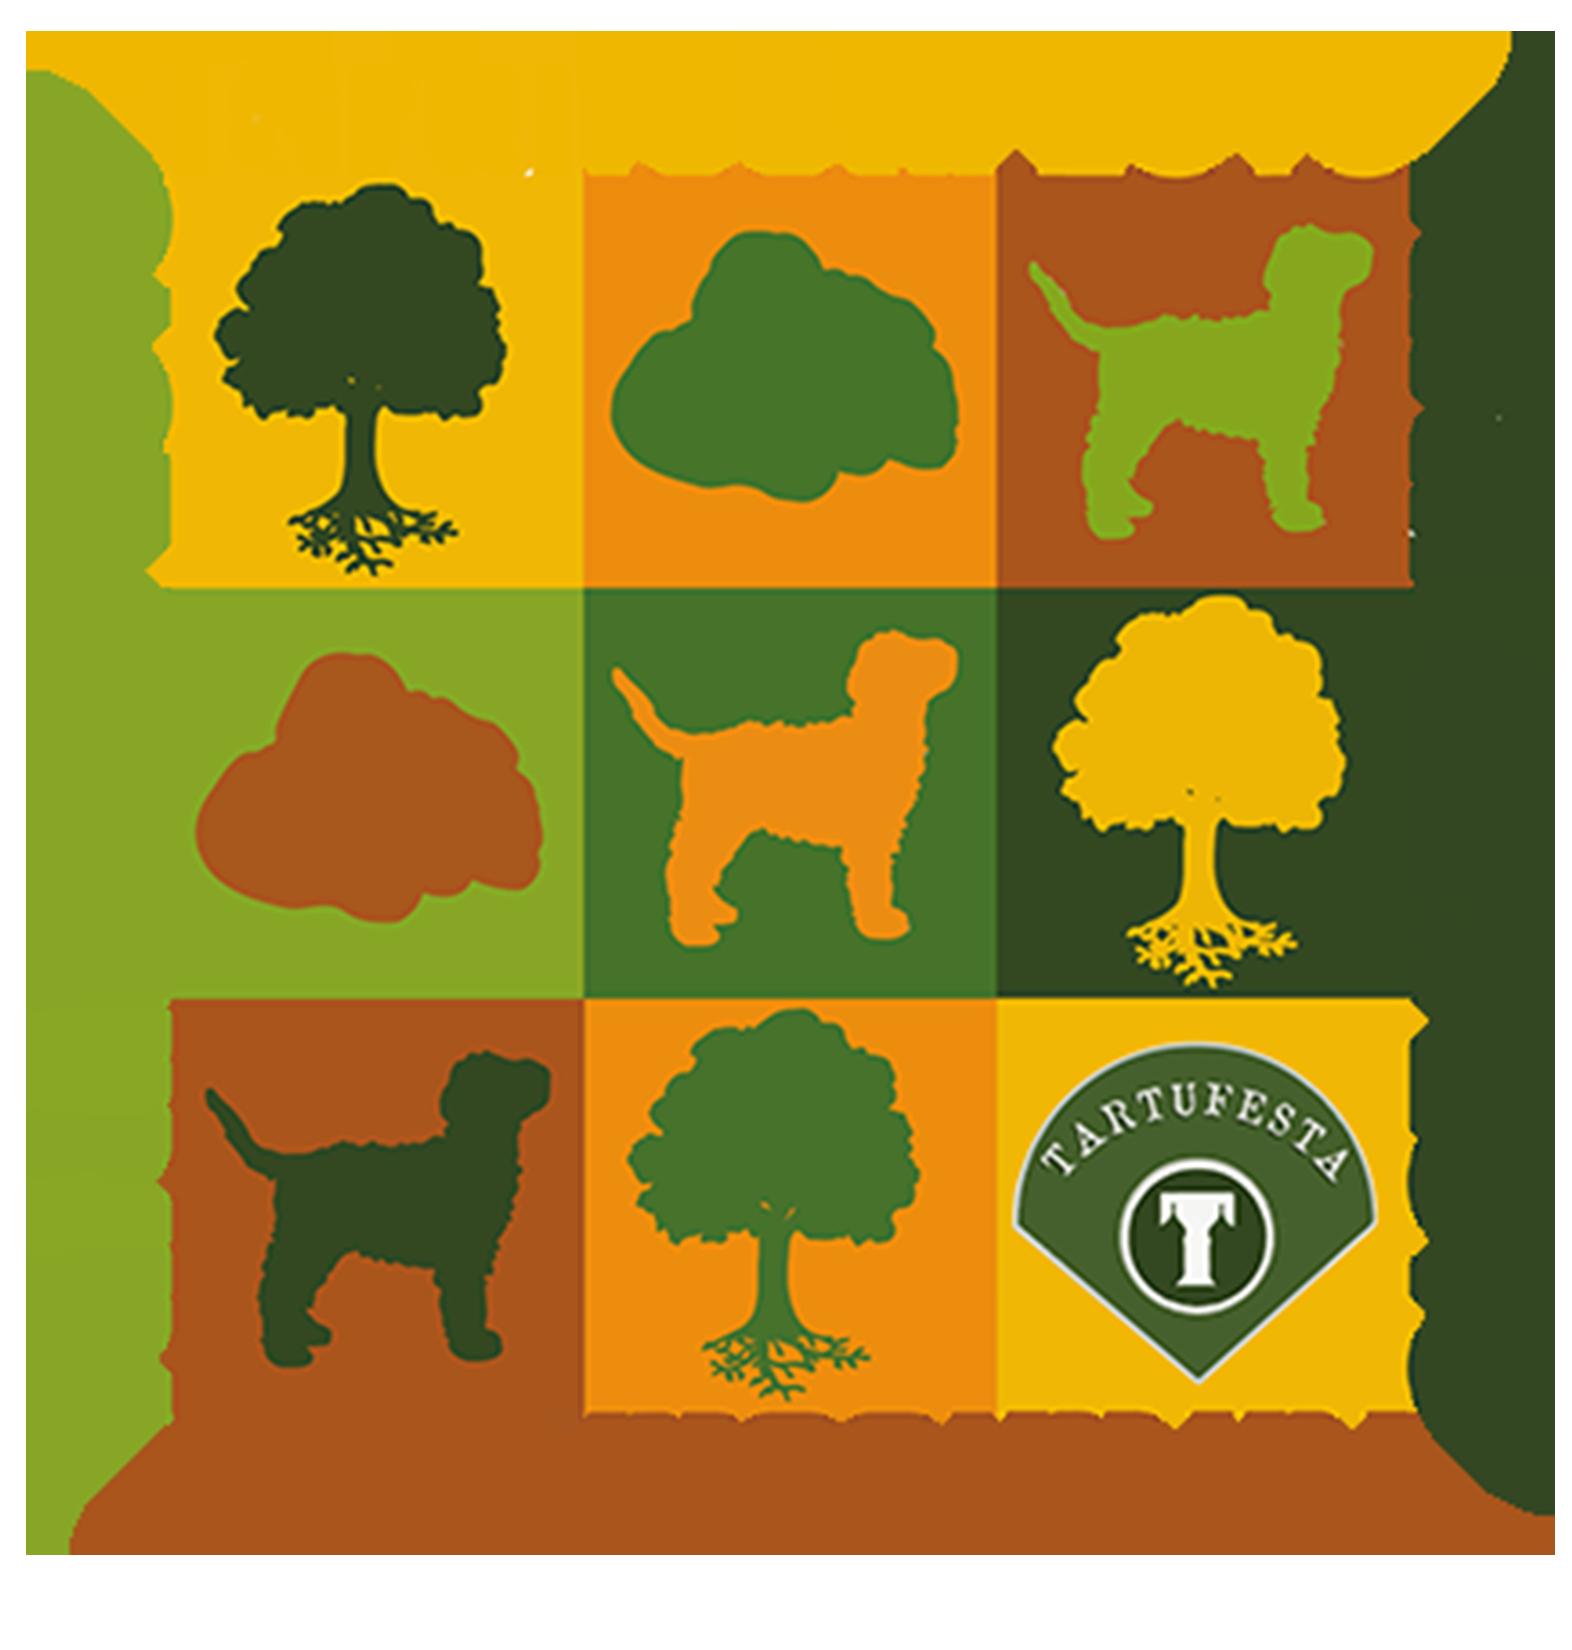 TARTUFESTA-2019